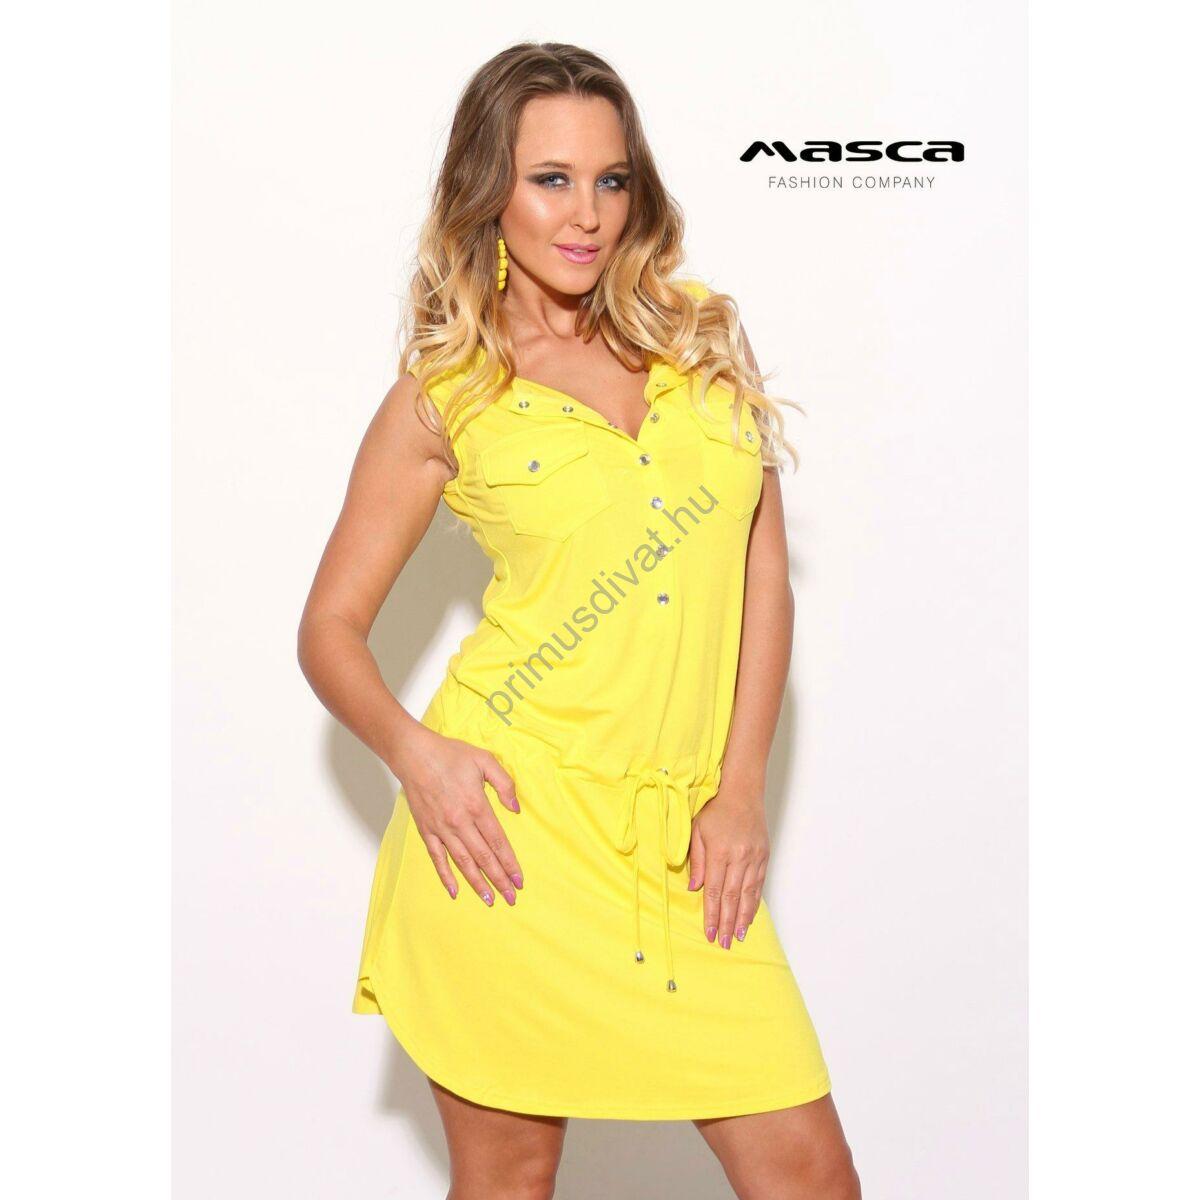 596d1903b Masca Fashion ékszerpatentos dekoltázsú, galléros citromsárga tunika,  derekán behúzott megkötővel - Mf814-10